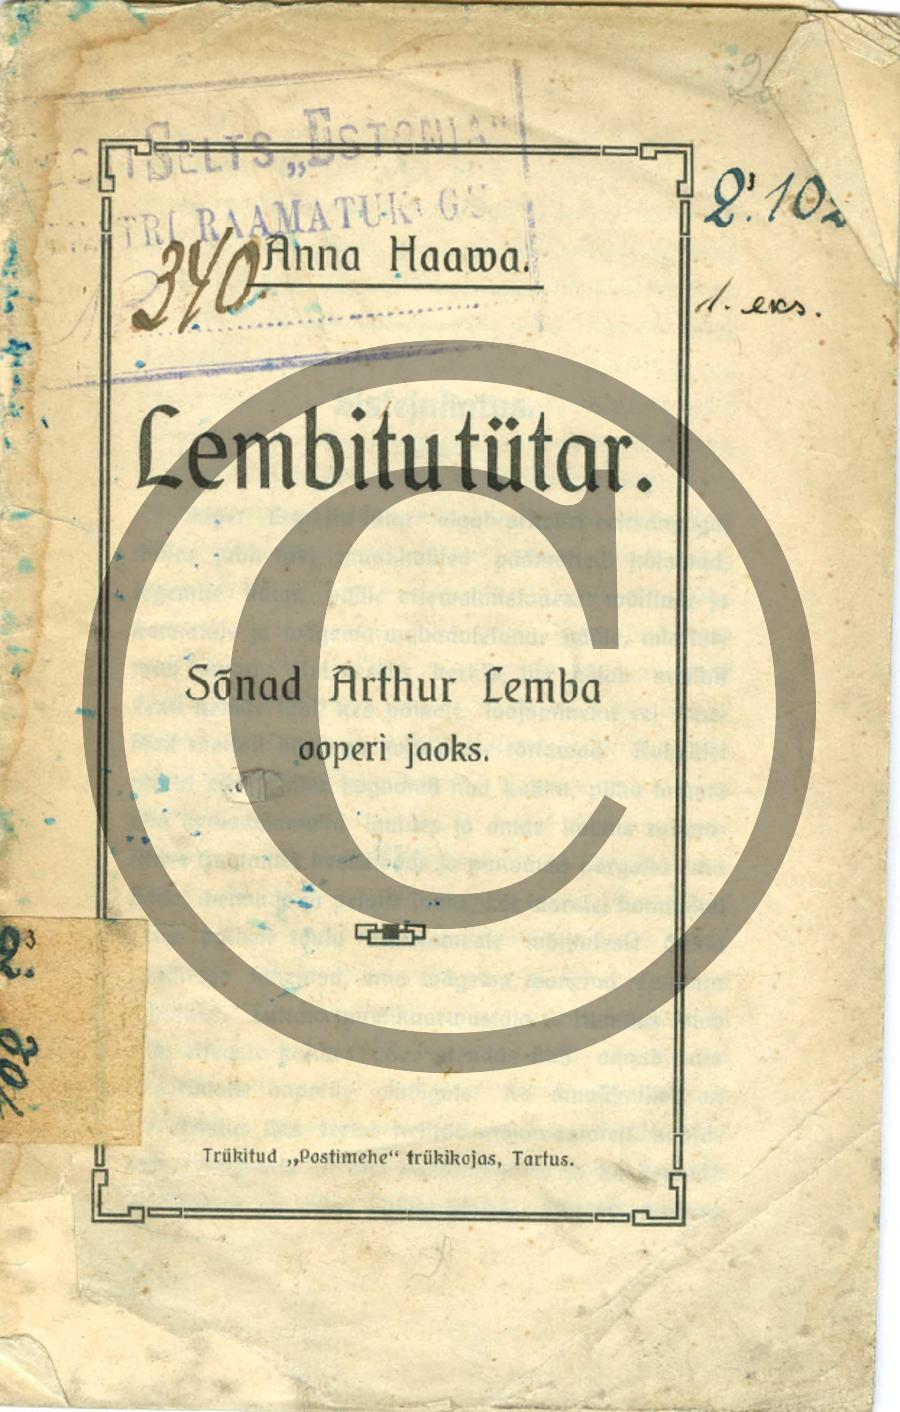 Lembitu0001